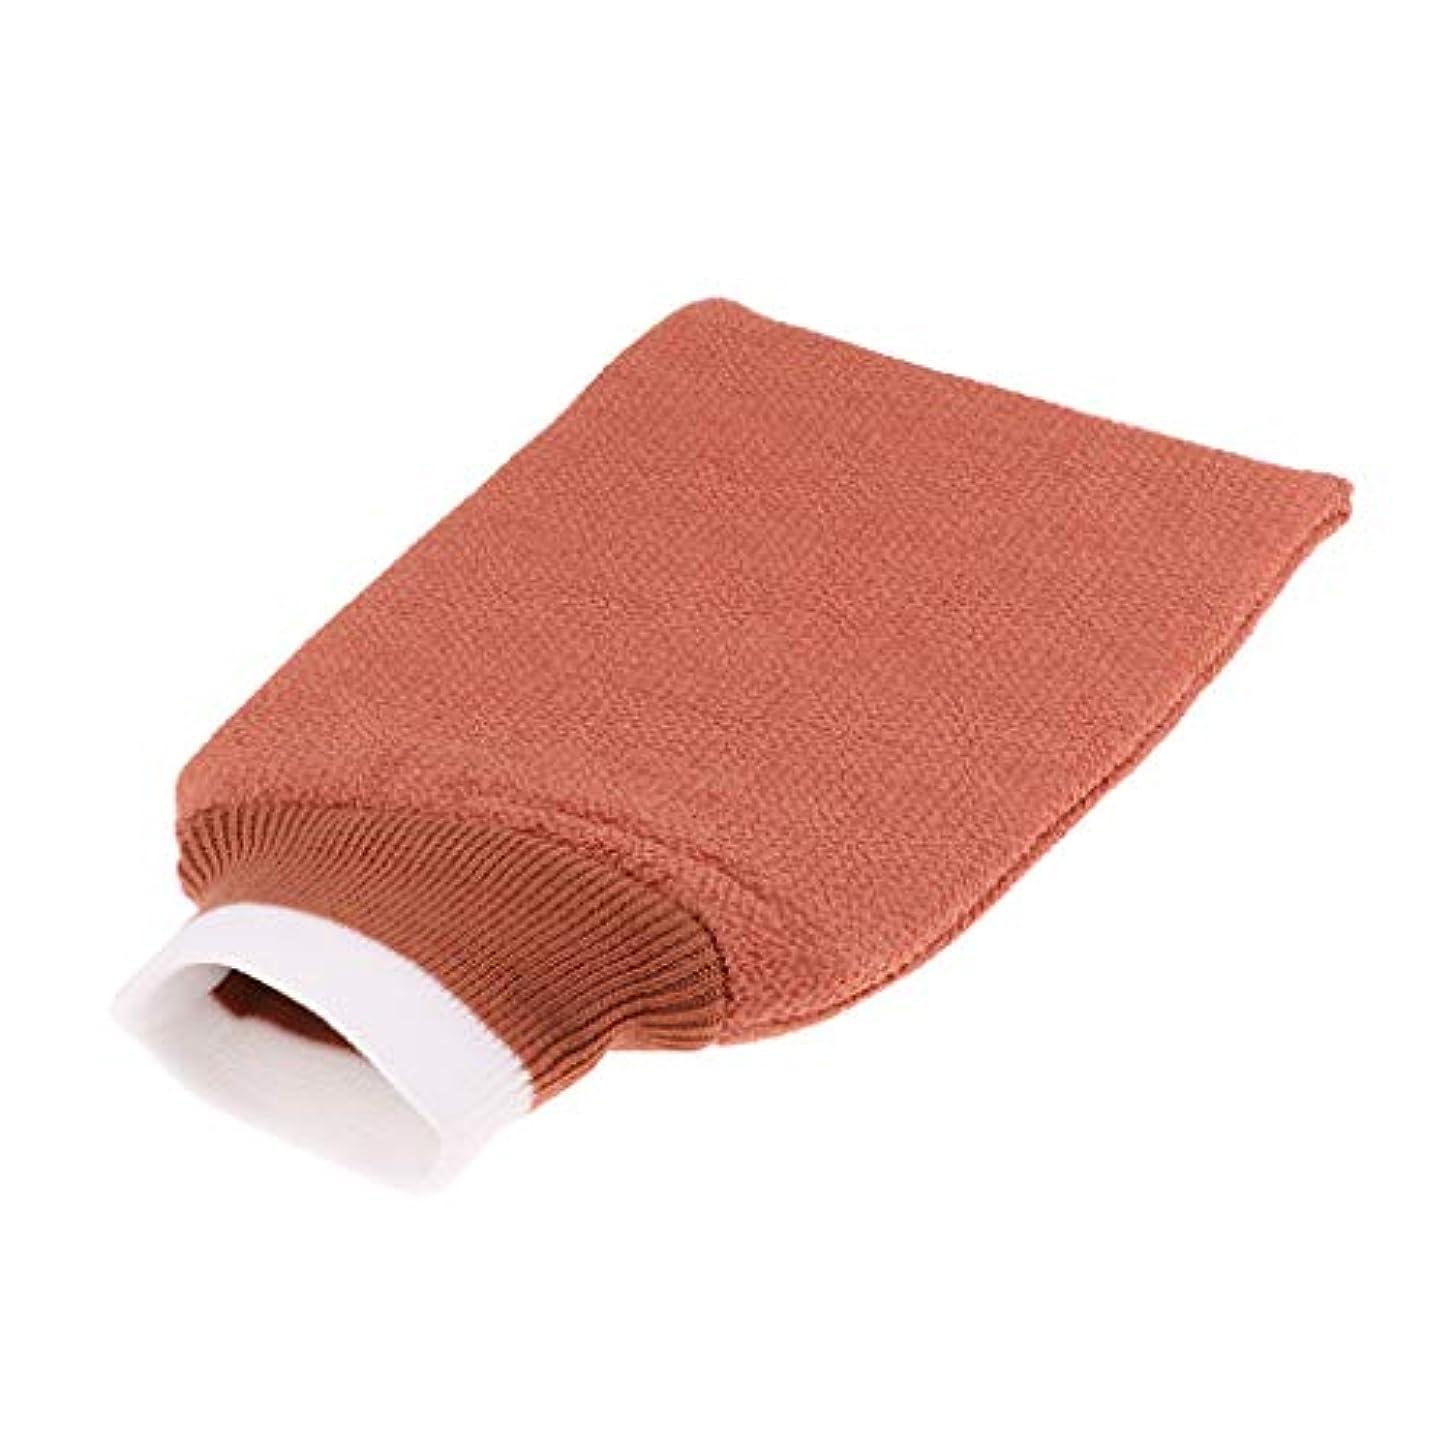 コウモリ姿を消すトマトバスグローブ 浴用手袋 シャワー用 バスミット 垢すり手袋 毛穴清潔 角質除去 男女兼用 全3色 - シャンパン